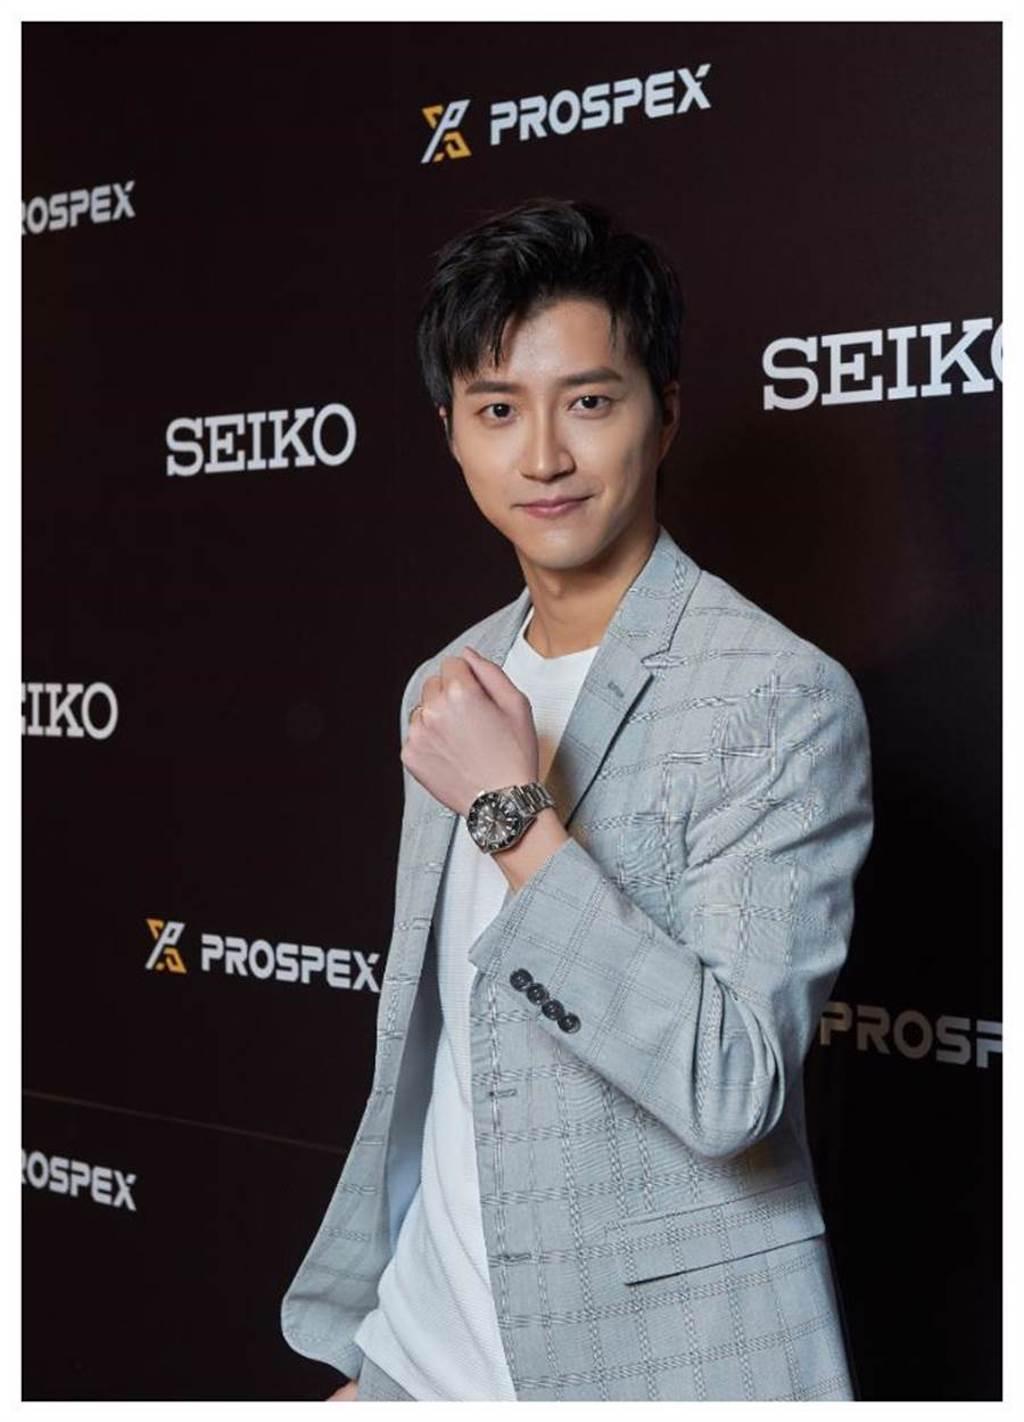 桌球王子江宏傑配戴SEIKO Prospex 1965復刻潛水表,分享他運動員生涯中挑戰自我的心情故事,與SEIKO「勇無止境」的品牌精神完美呼應。(SEIKO提供)